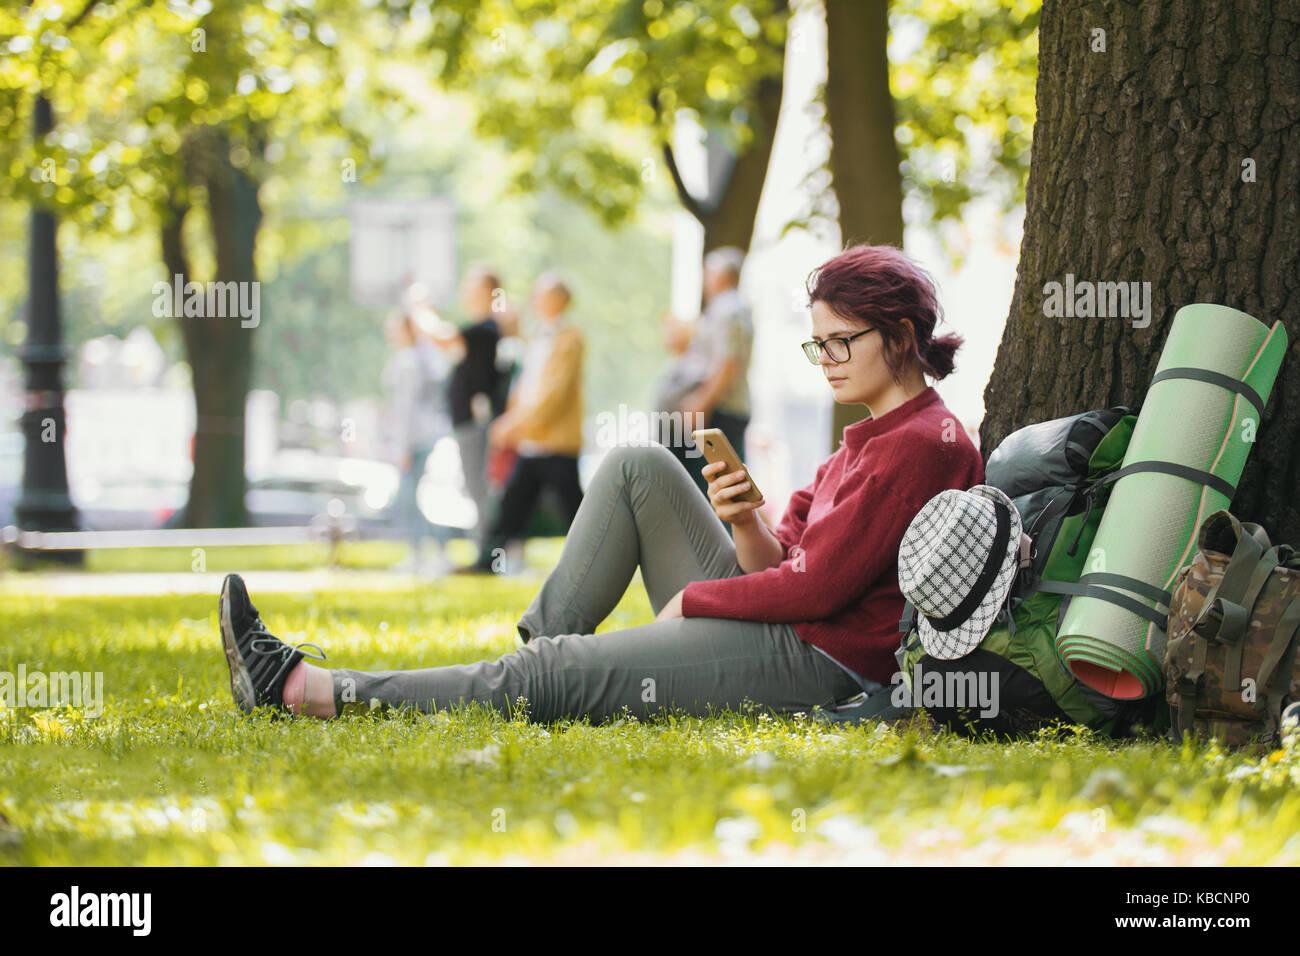 Chica adolescente turista con mochila mirando smartphone en City Park Imagen De Stock